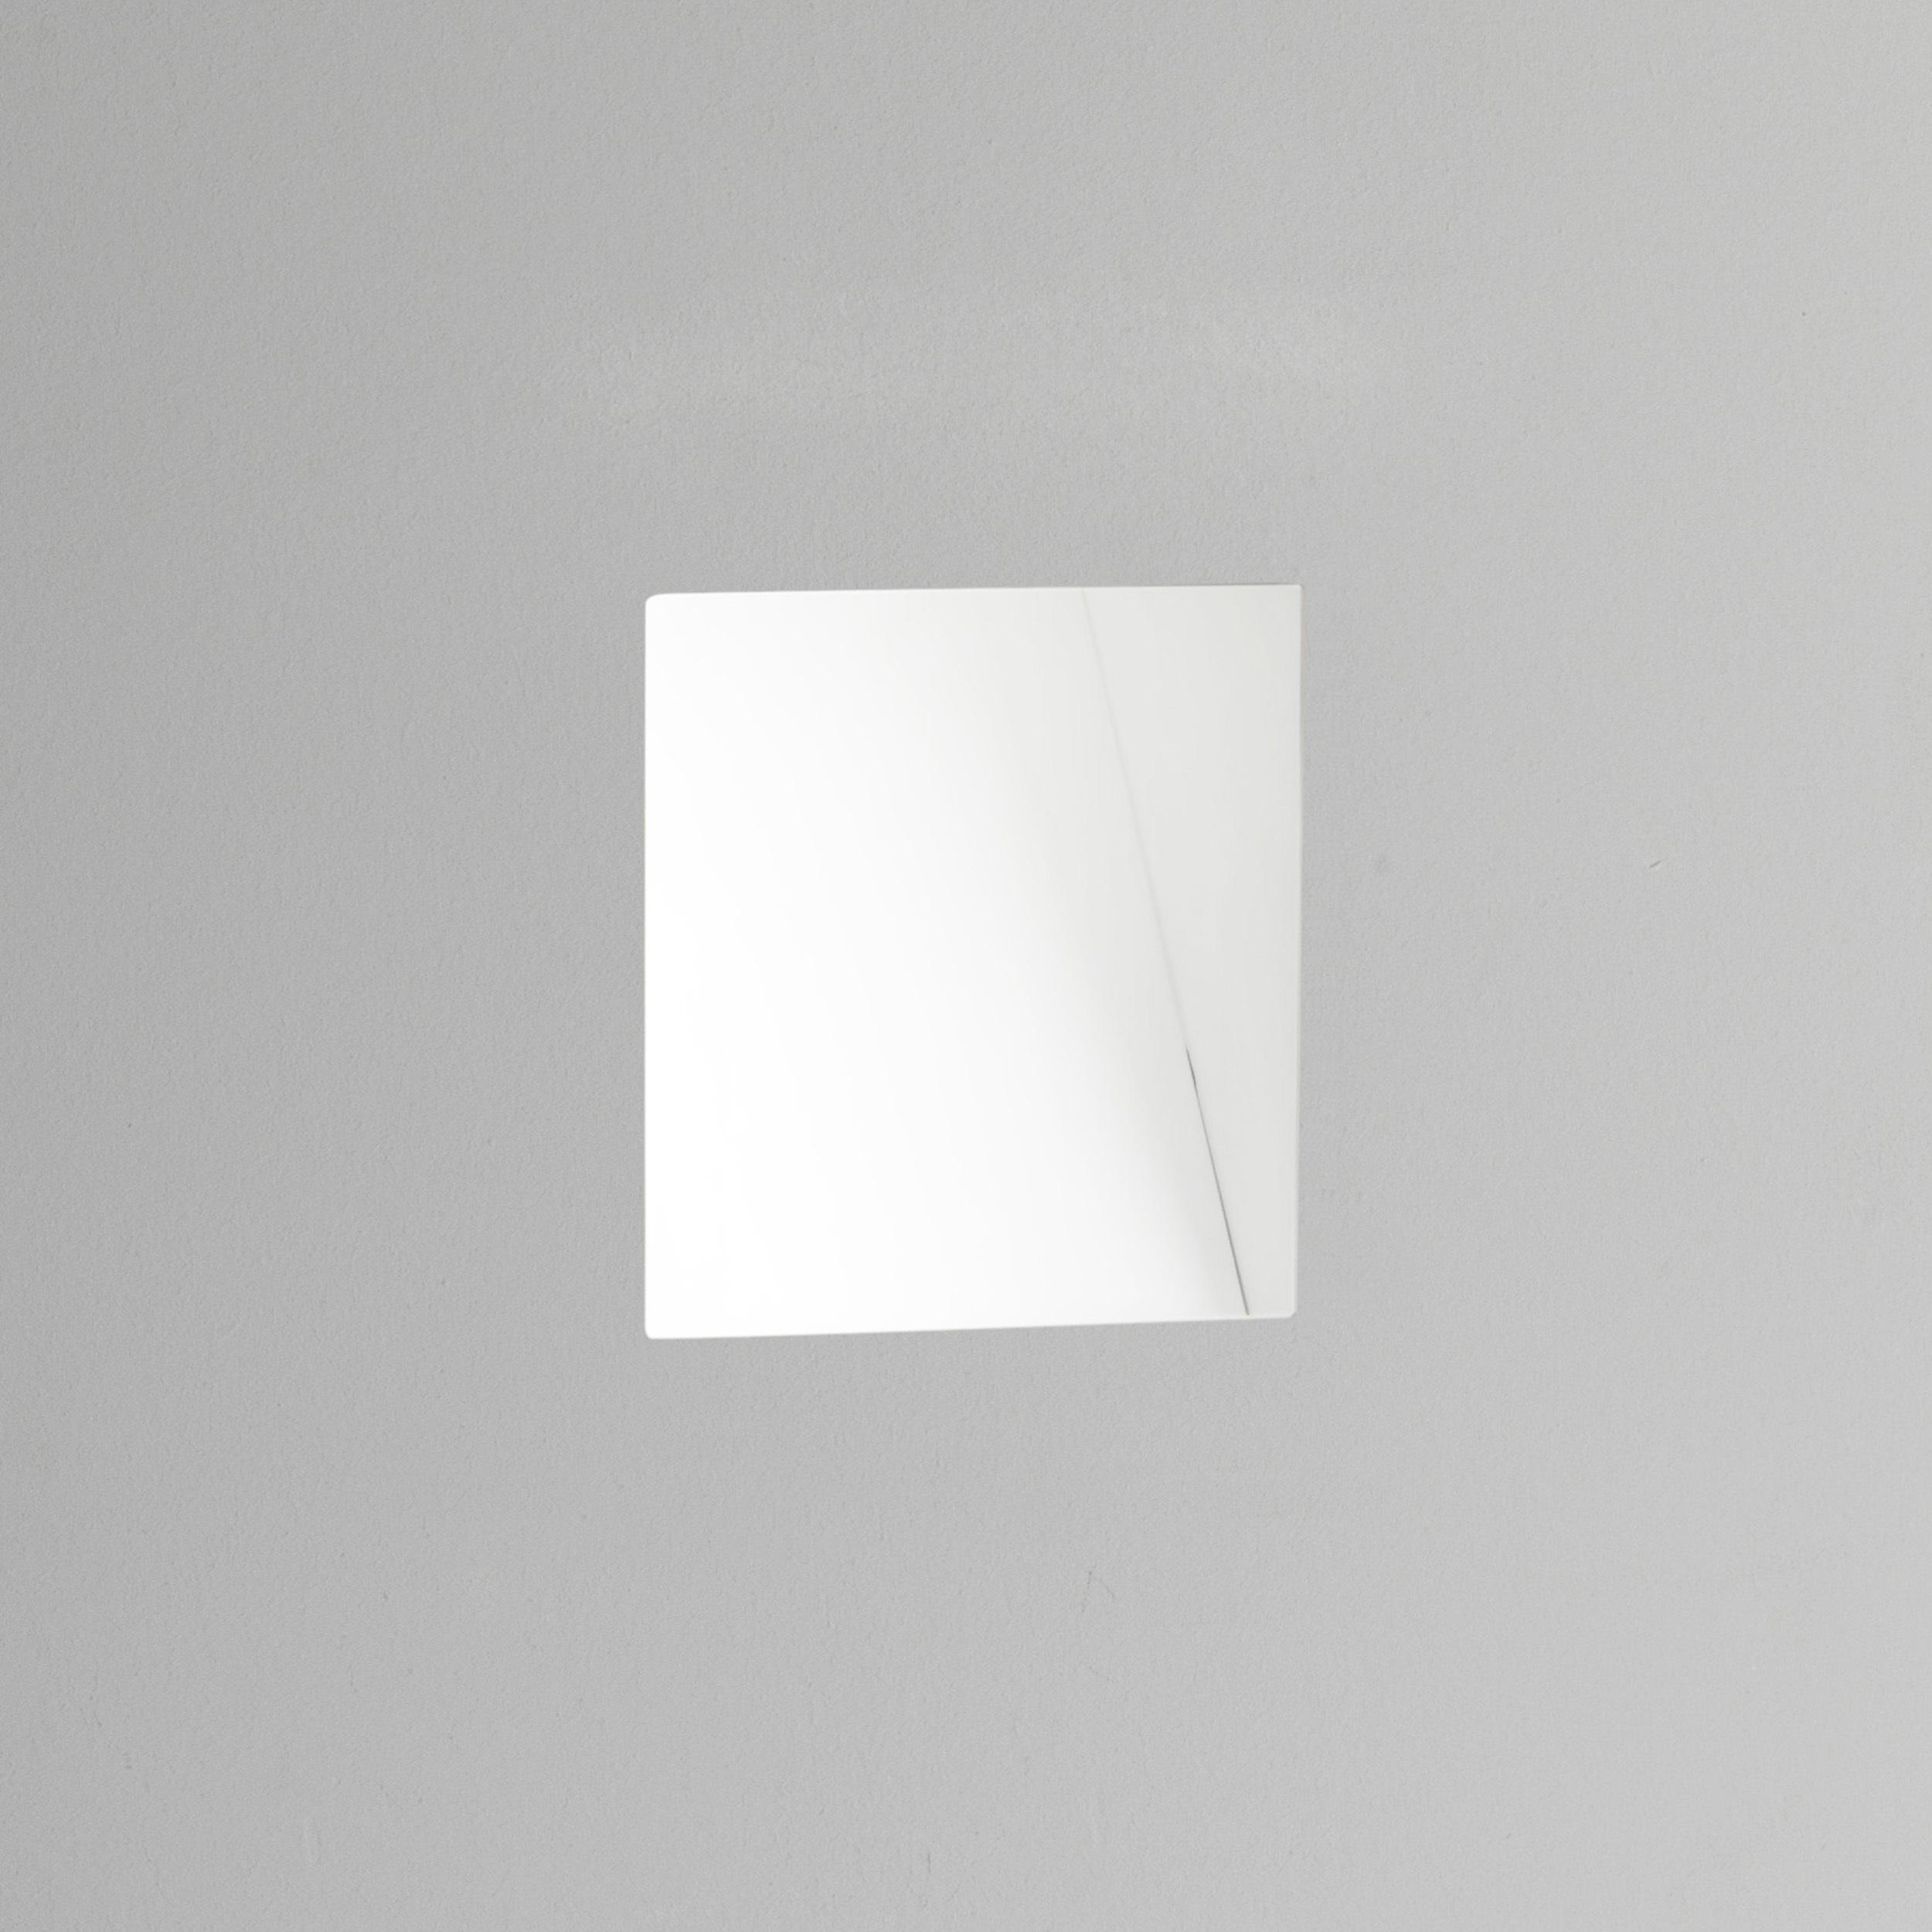 Встраиваемый настенный светодиодный светильник Astro Borgo Trimless 1212042 (7842), LED 2W 2700K 77lm CRI80, белый, металл - фото 1